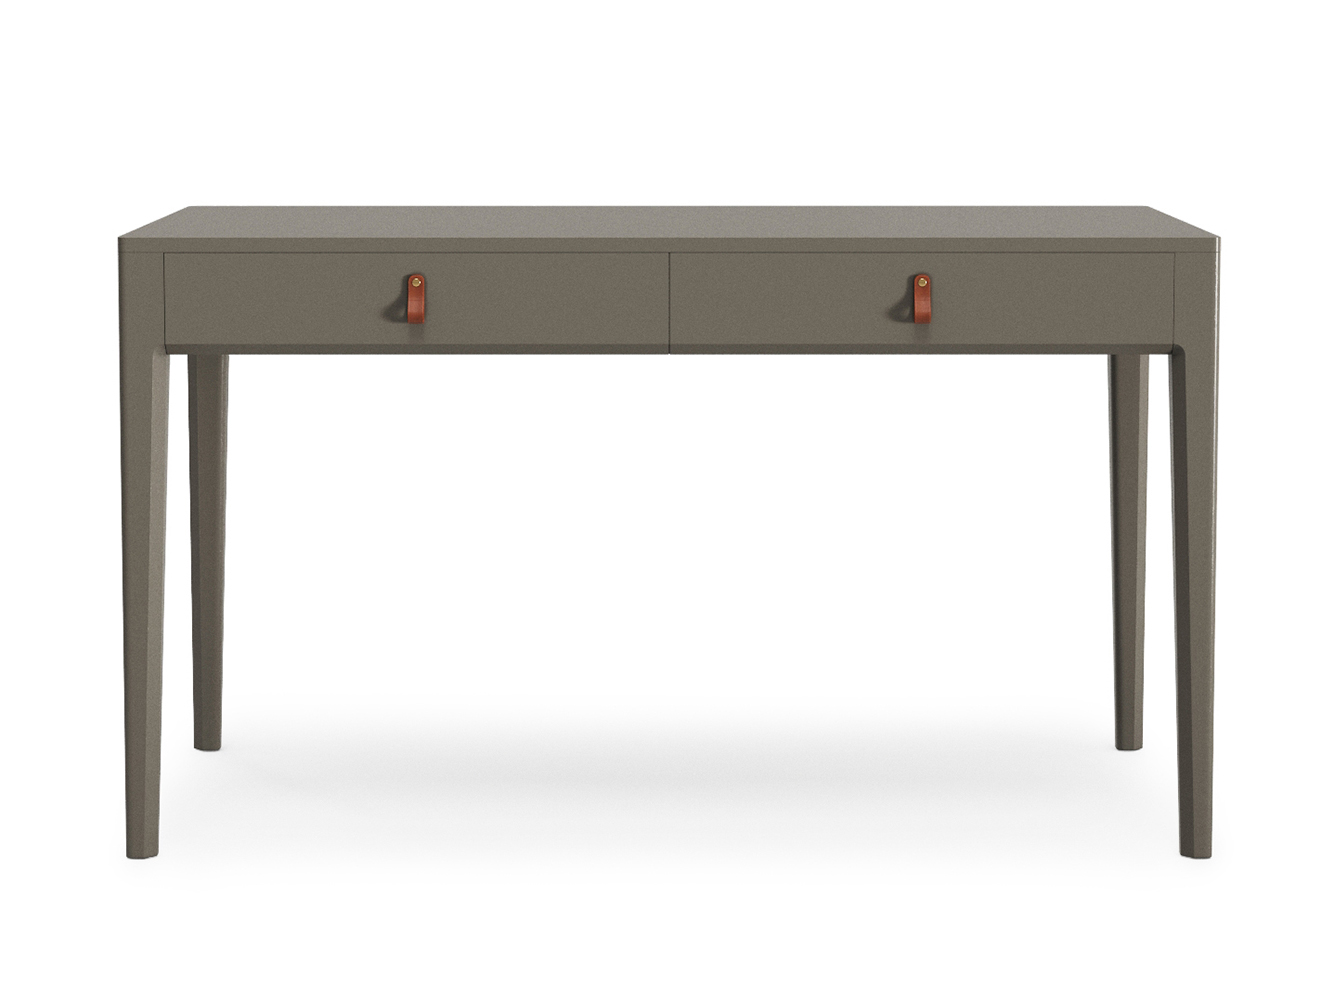 Рабочий стол CASEПисьменные столы<br>Рабочий стол с оптимальными габаритами для домашнего кабинета. Два вместительных ящика организуют дела и канцелярию, а фирменные кожаные ручки The IDEA добавят домашнего уюта.&amp;lt;div&amp;gt;&amp;lt;br&amp;gt;&amp;lt;/div&amp;gt;&amp;lt;div&amp;gt;Материал: Массив дуба, Натуральный шпон дуба, МДФ, Эмаль, ДСП&amp;lt;br&amp;gt;&amp;lt;/div&amp;gt;<br><br>Material: Дерево<br>Ширина см: 140<br>Высота см: 76<br>Глубина см: 70